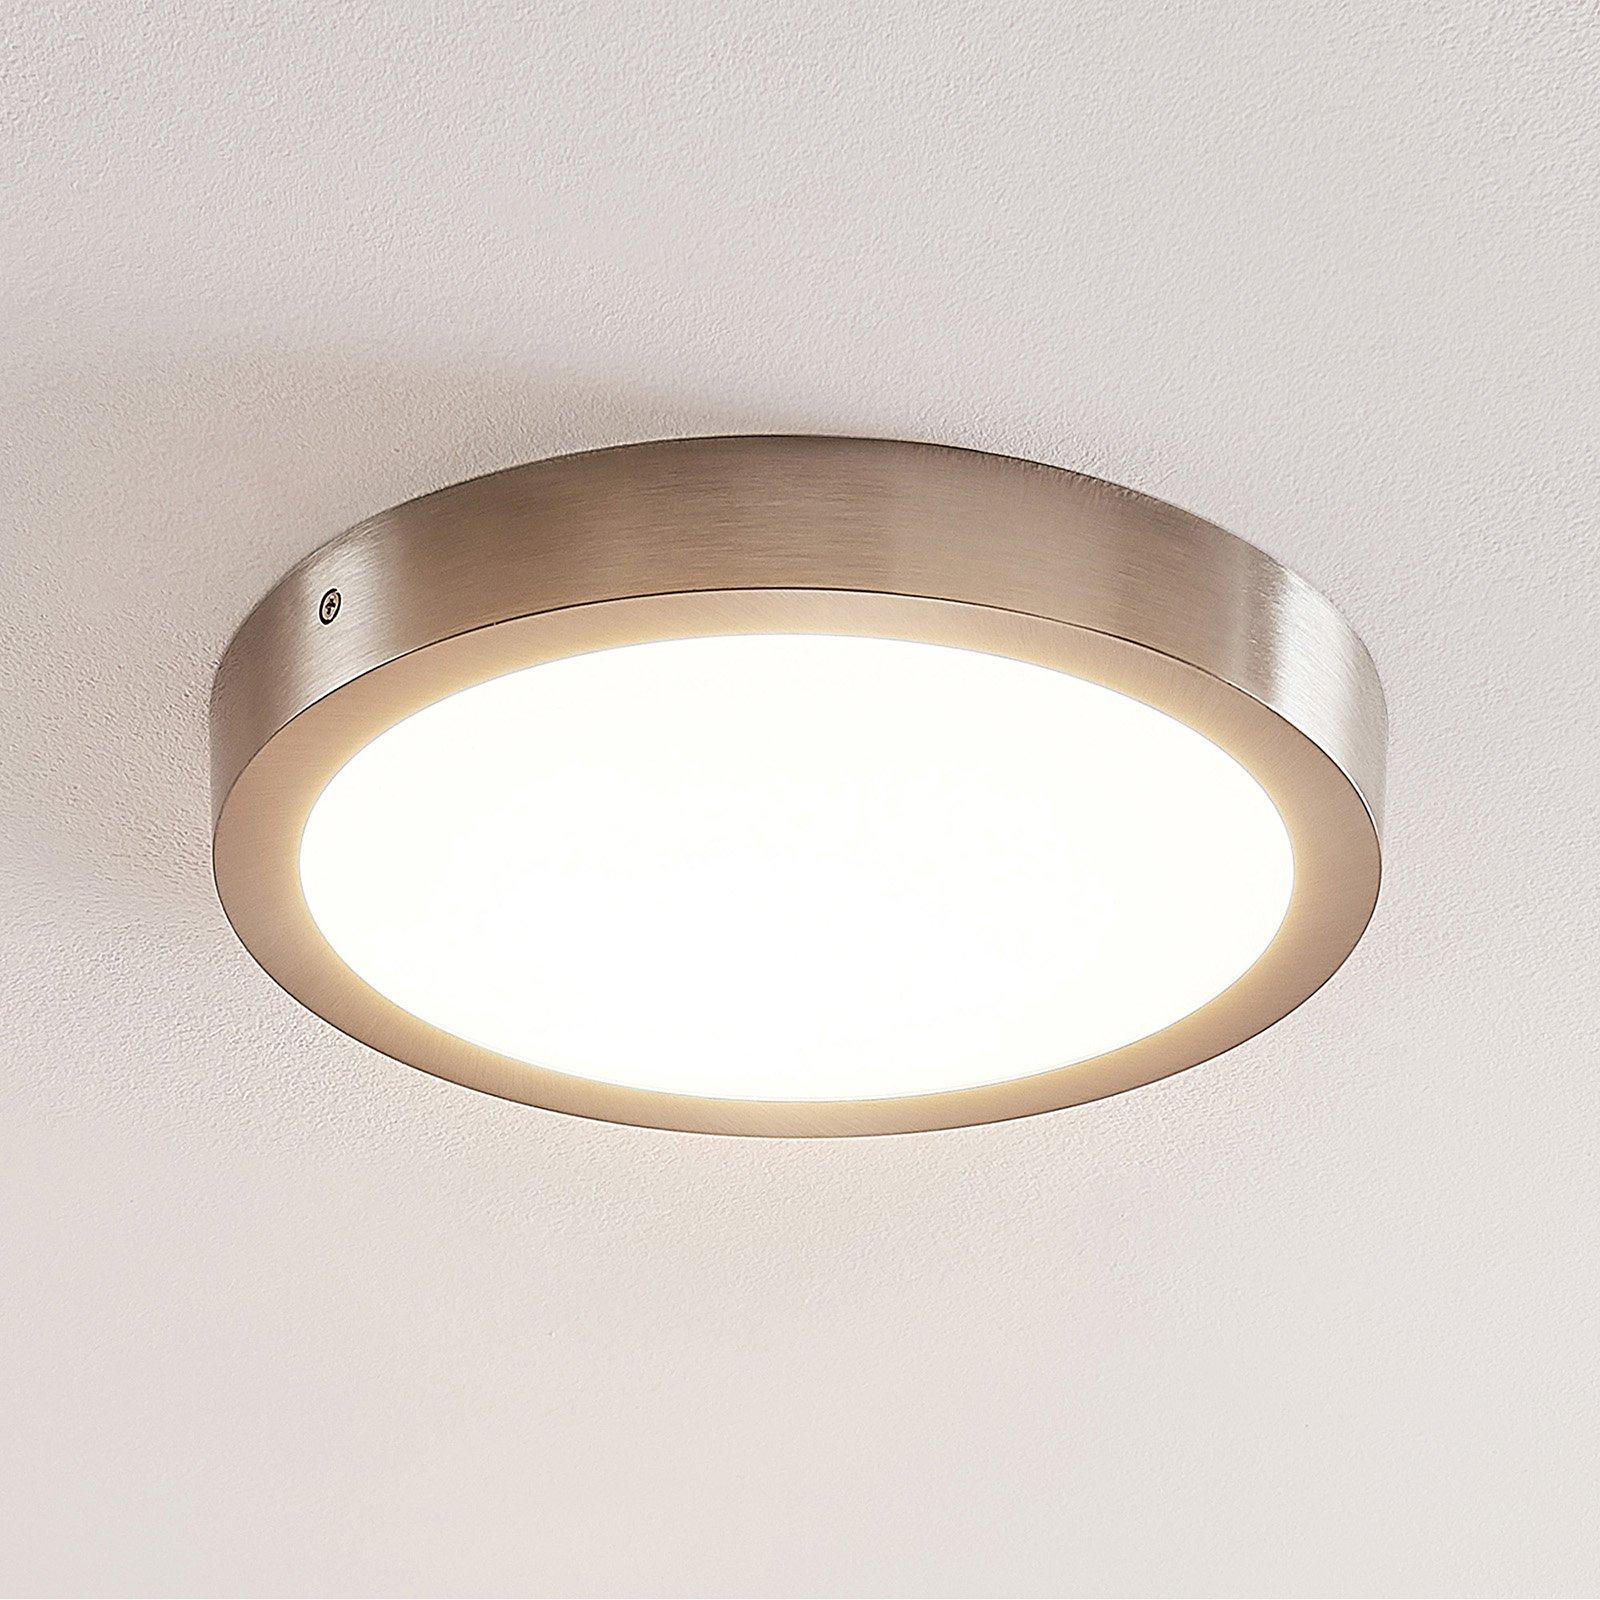 ELC Merina LED-taklampe nikkel, 30 cm